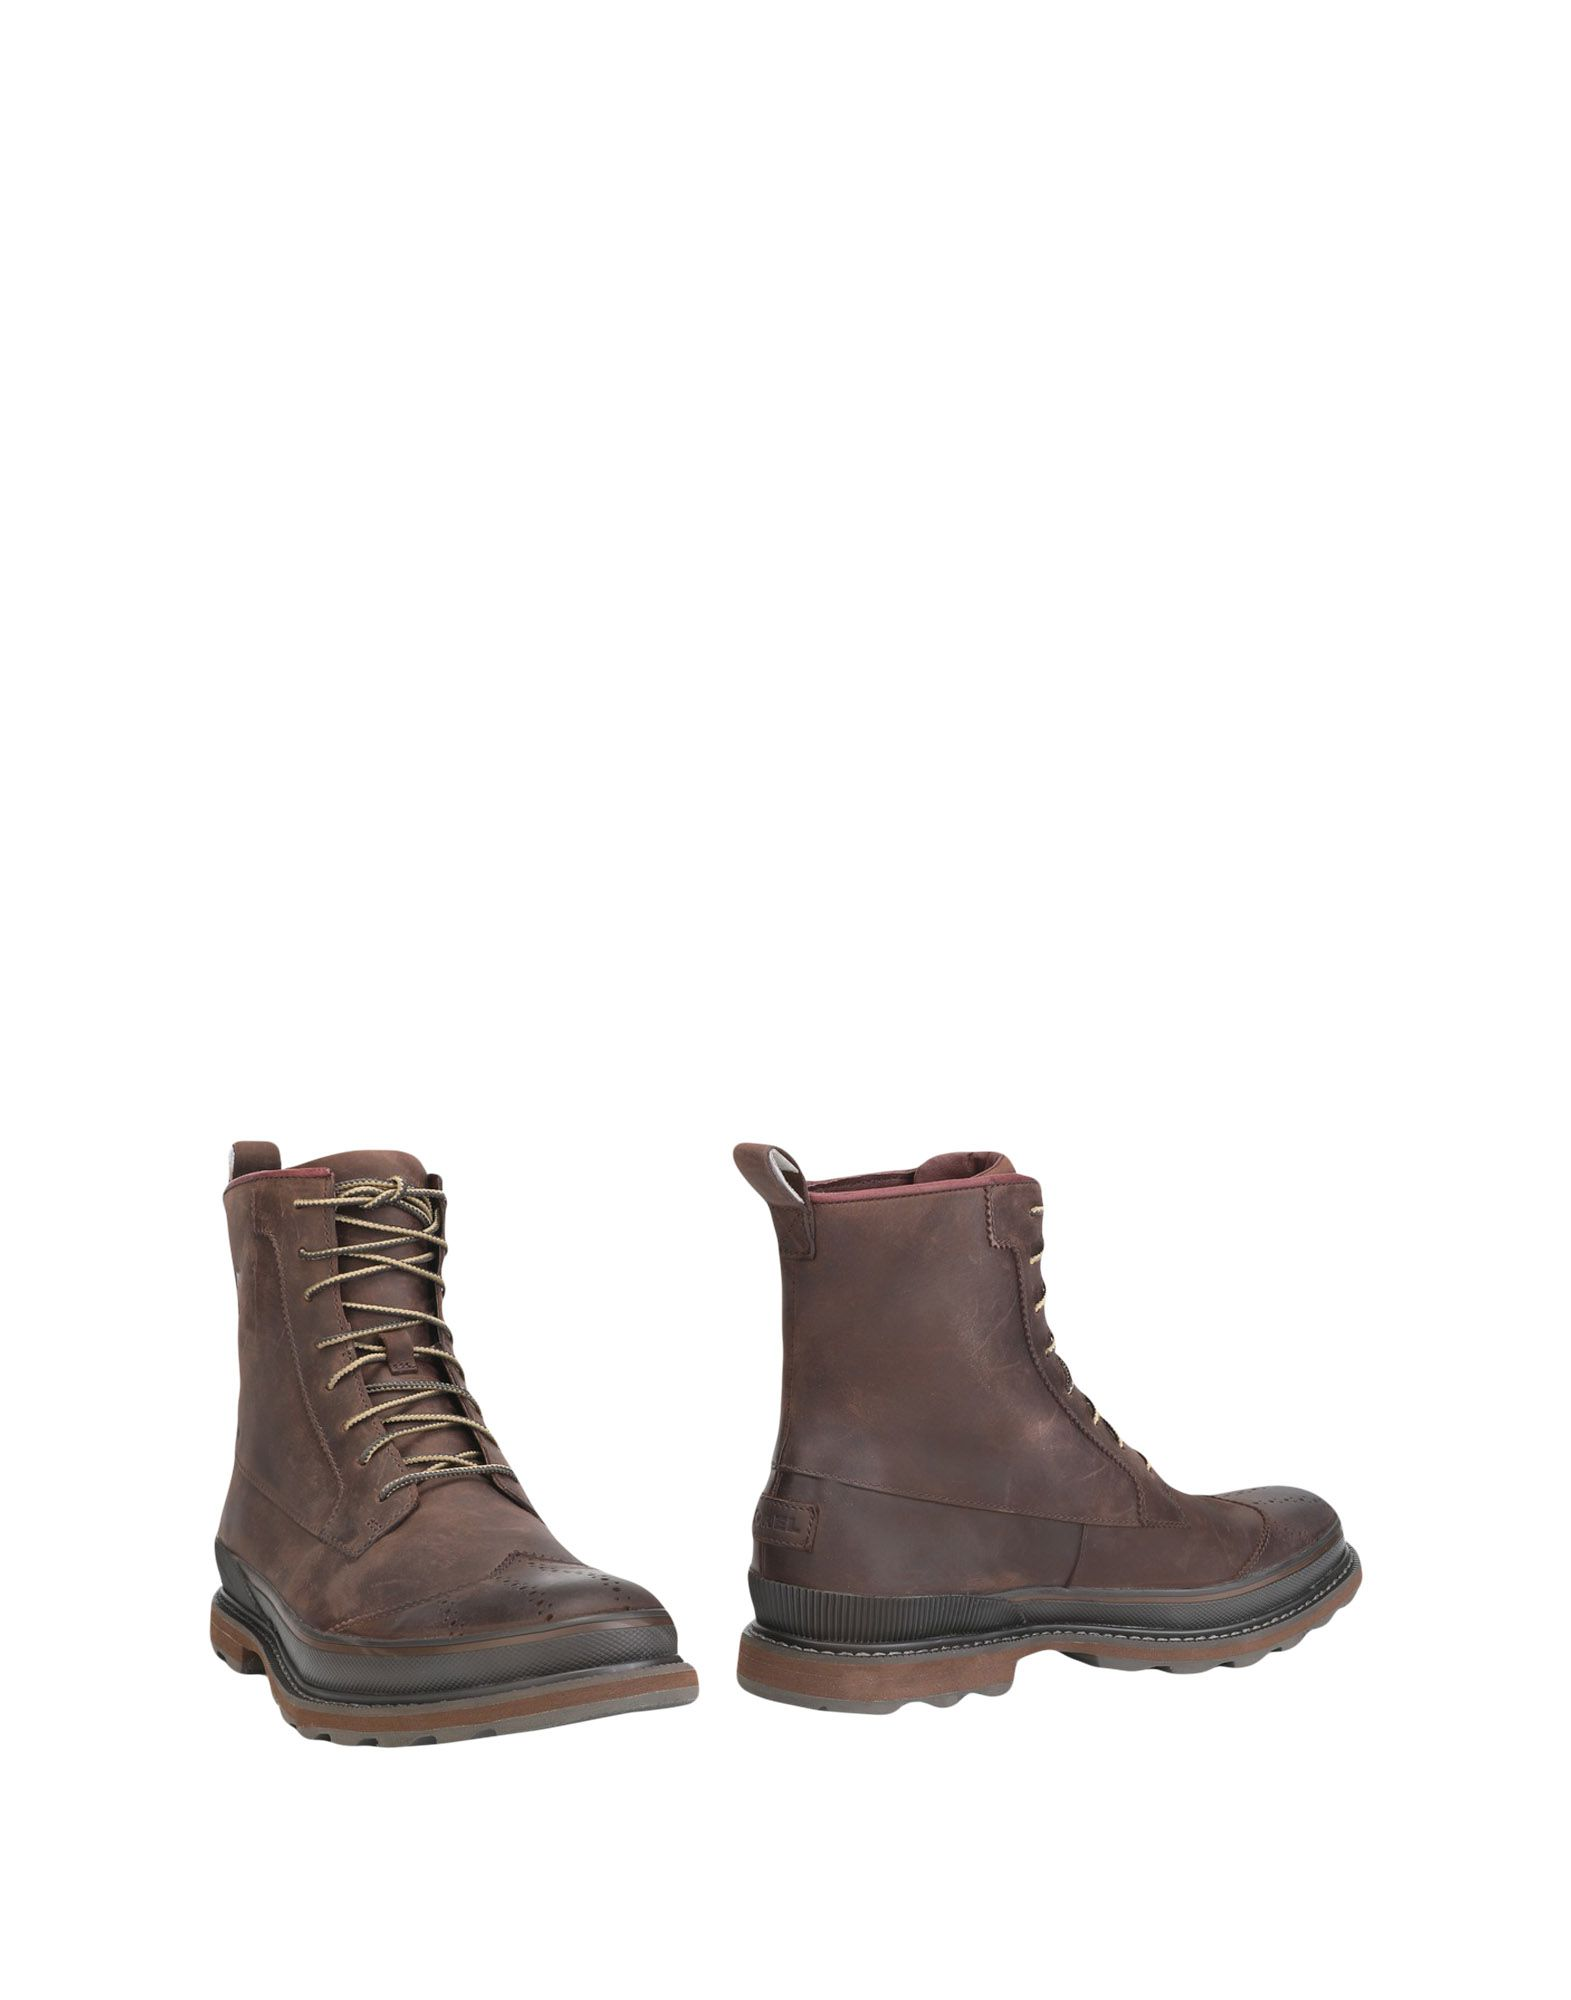 Bottine Sorel Madson Wingtip Boot Waterproof - Homme - Bottines Sorel  Noir Dédouanement saisonnier